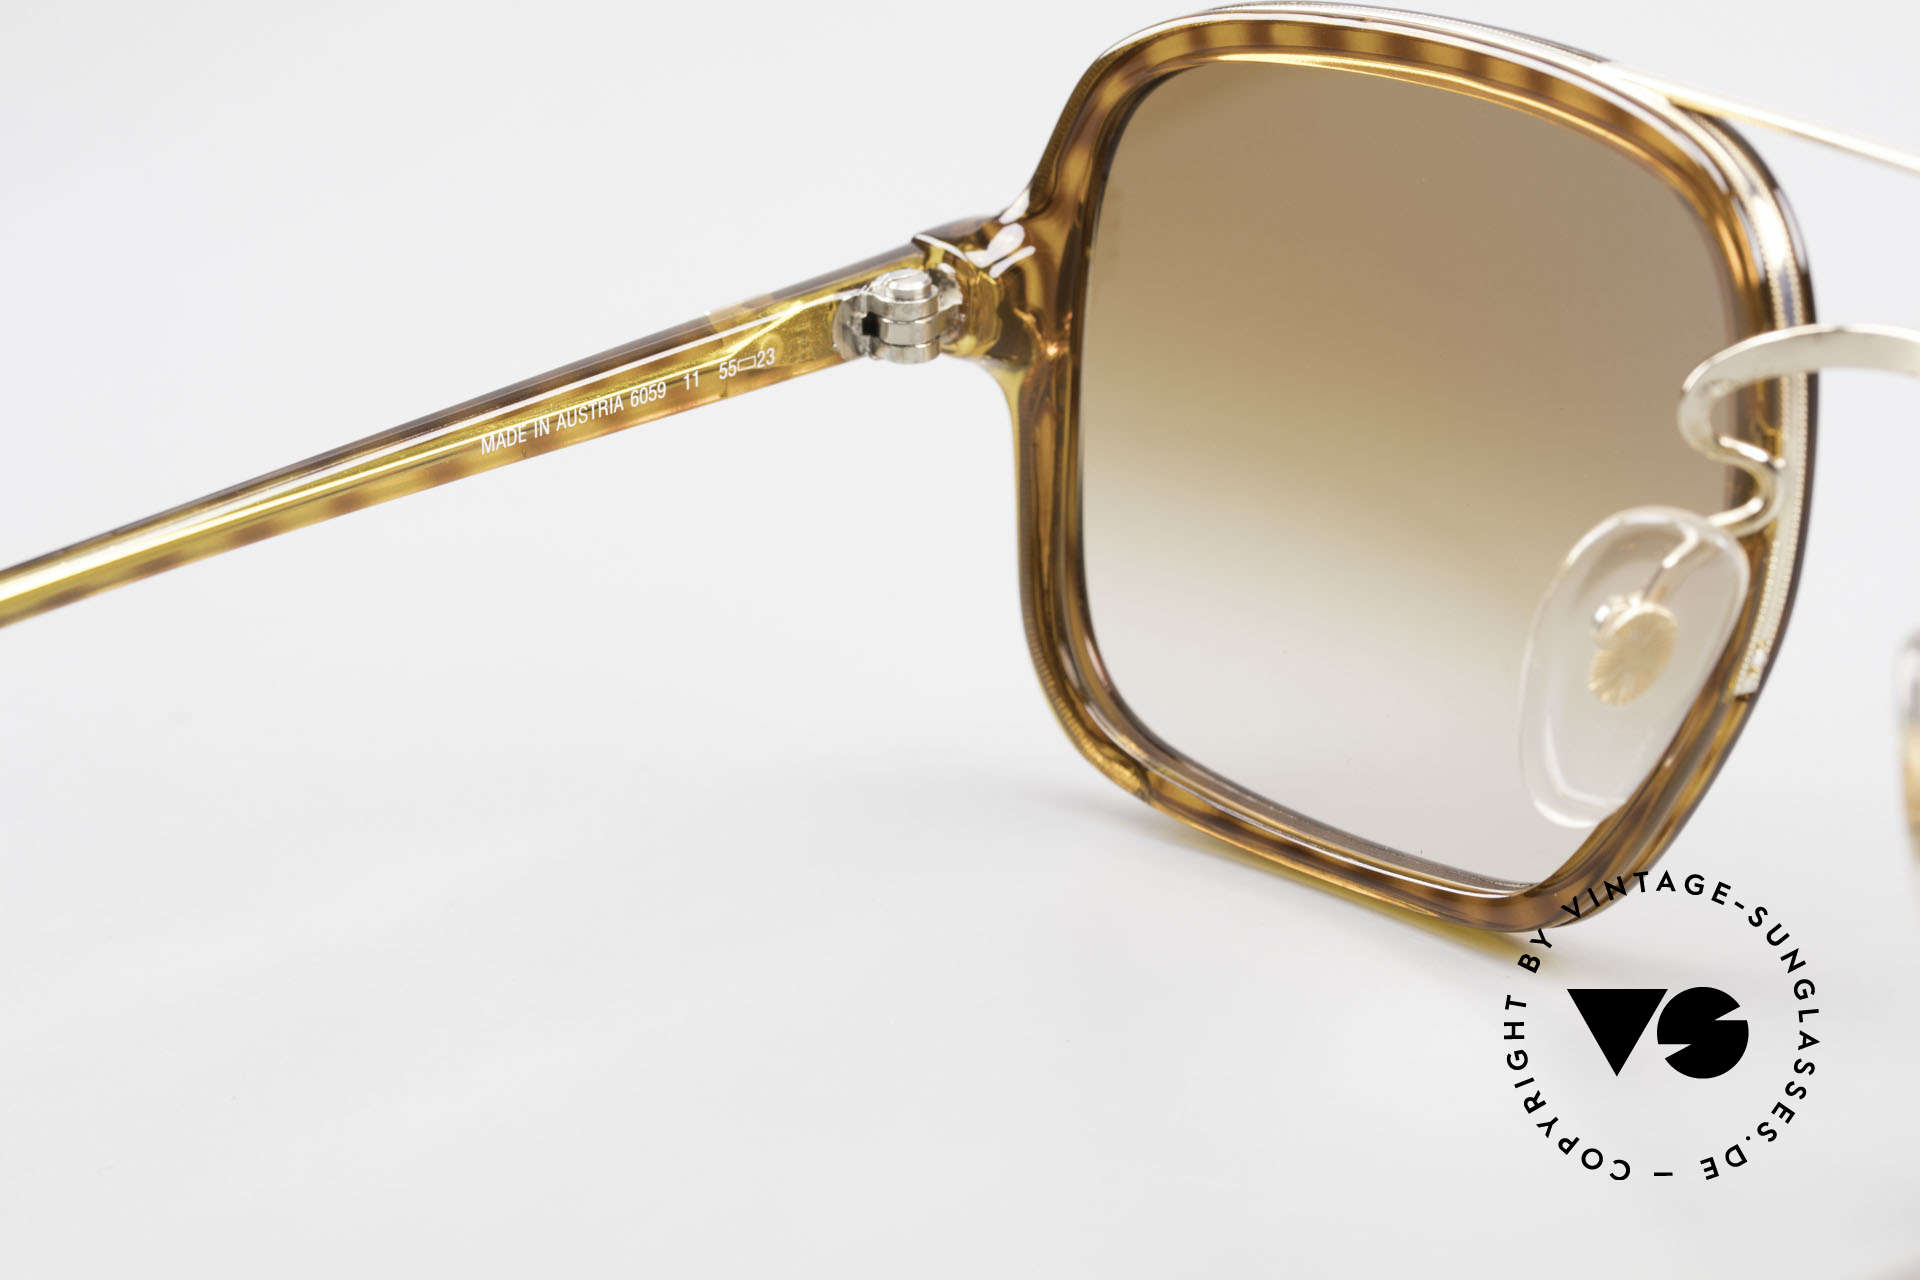 Dunhill 6059 Rare 80er Herren Sonnenbrille, KEINE RETRObrille; ein echtes altes 80er Jahre Unikat, Passend für Herren